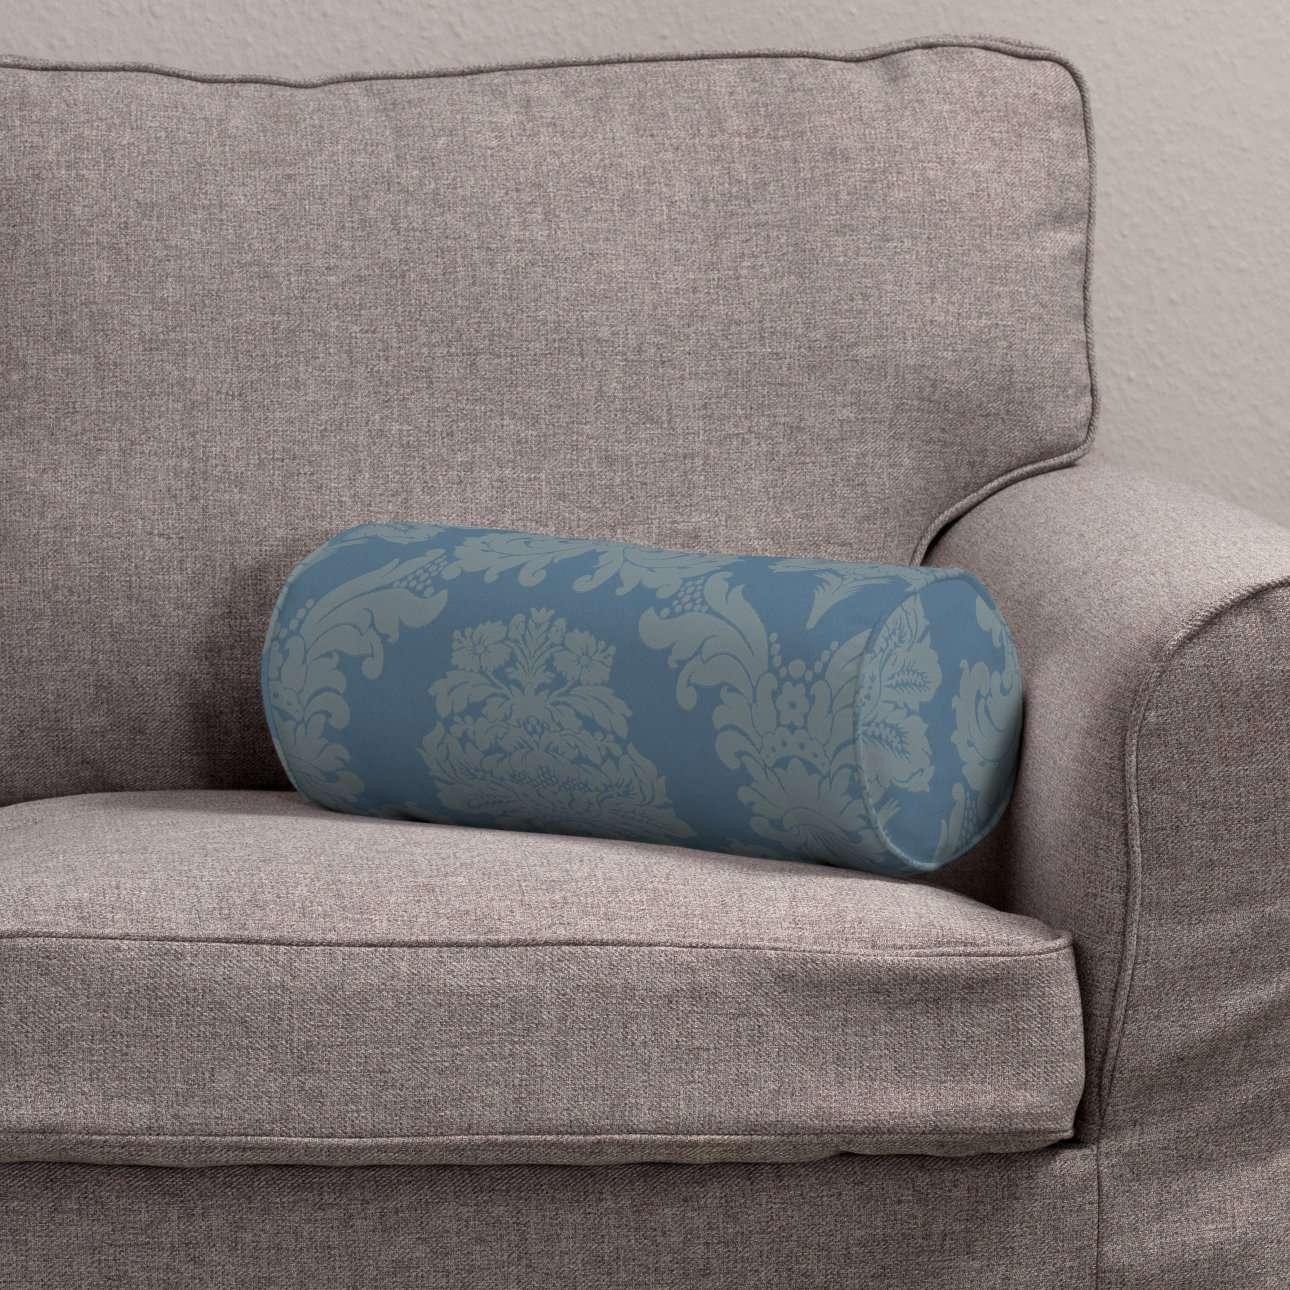 Ritinio formos  pagalvėlė Ø 16 x 40 cm (6 x 16 inch) kolekcijoje Damasco, audinys: 613-67